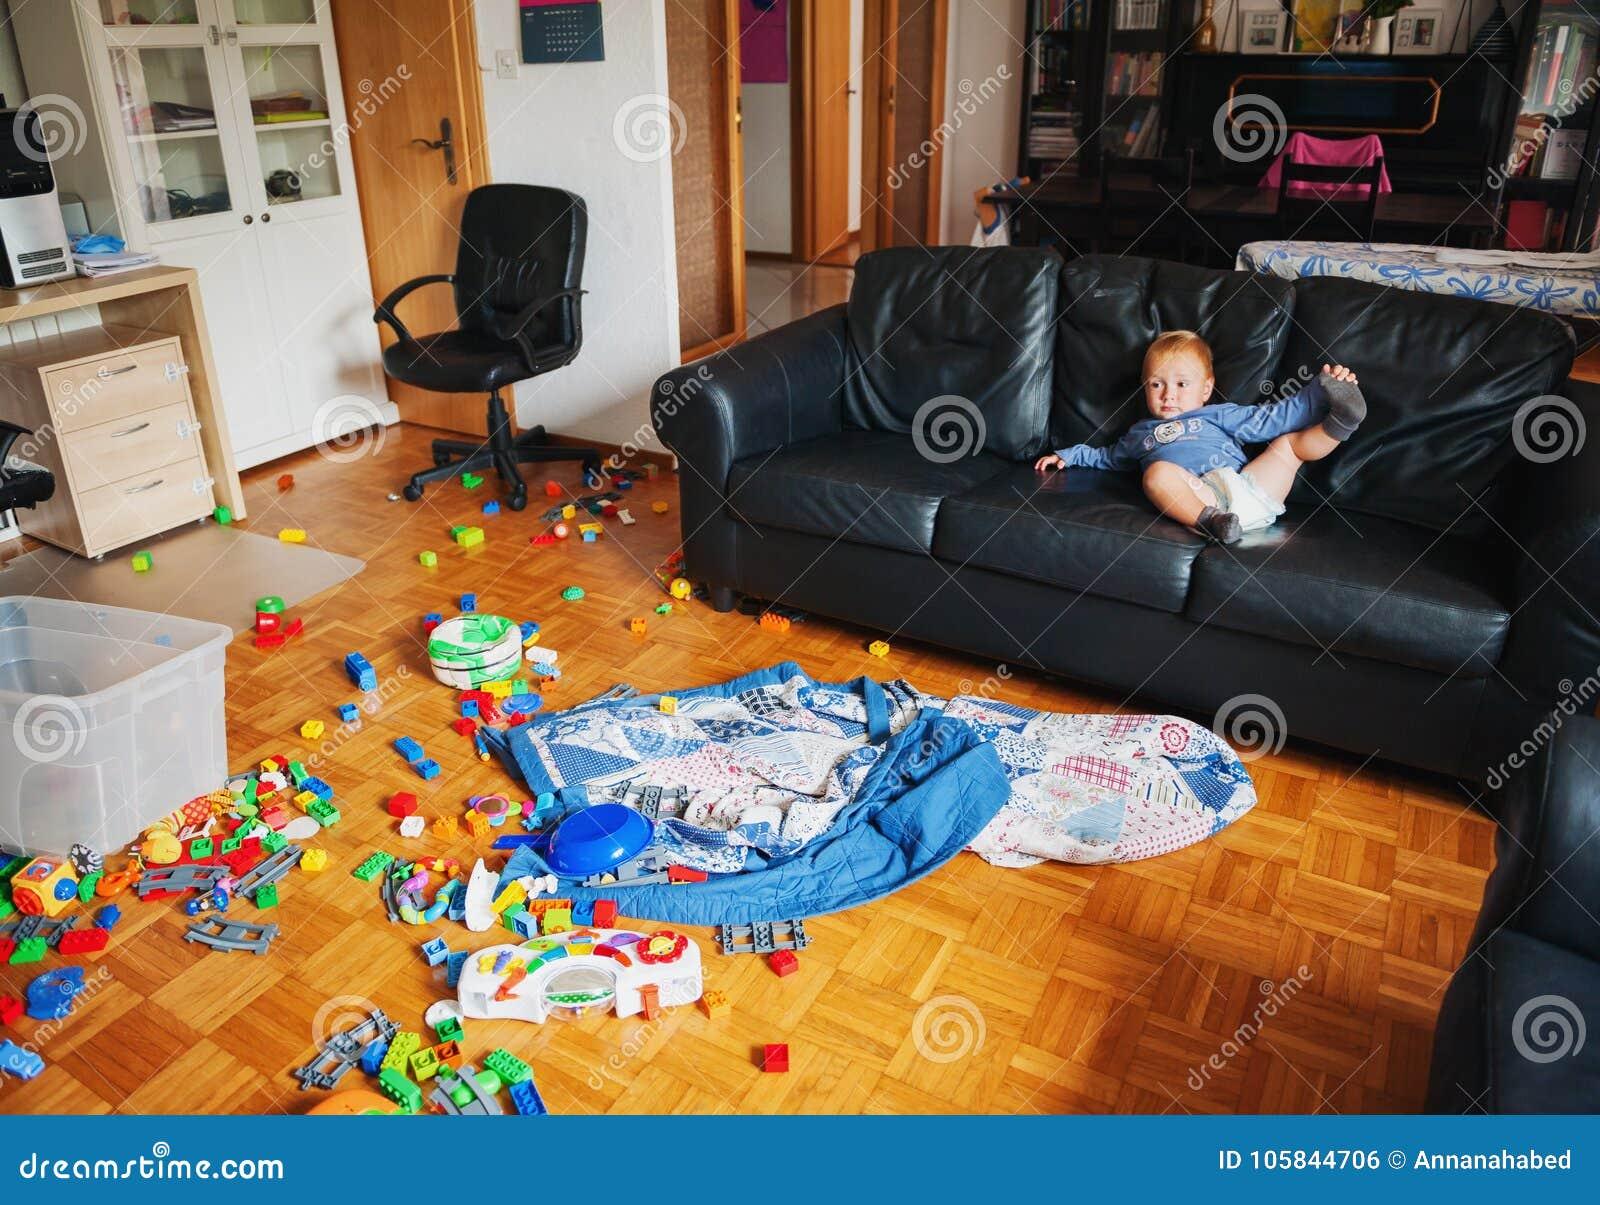 Entzückendes einjähriges Baby mit dem lustigen Gesichtsausdruck, der in einem sehr unordentlichen Wohnzimmer spielt